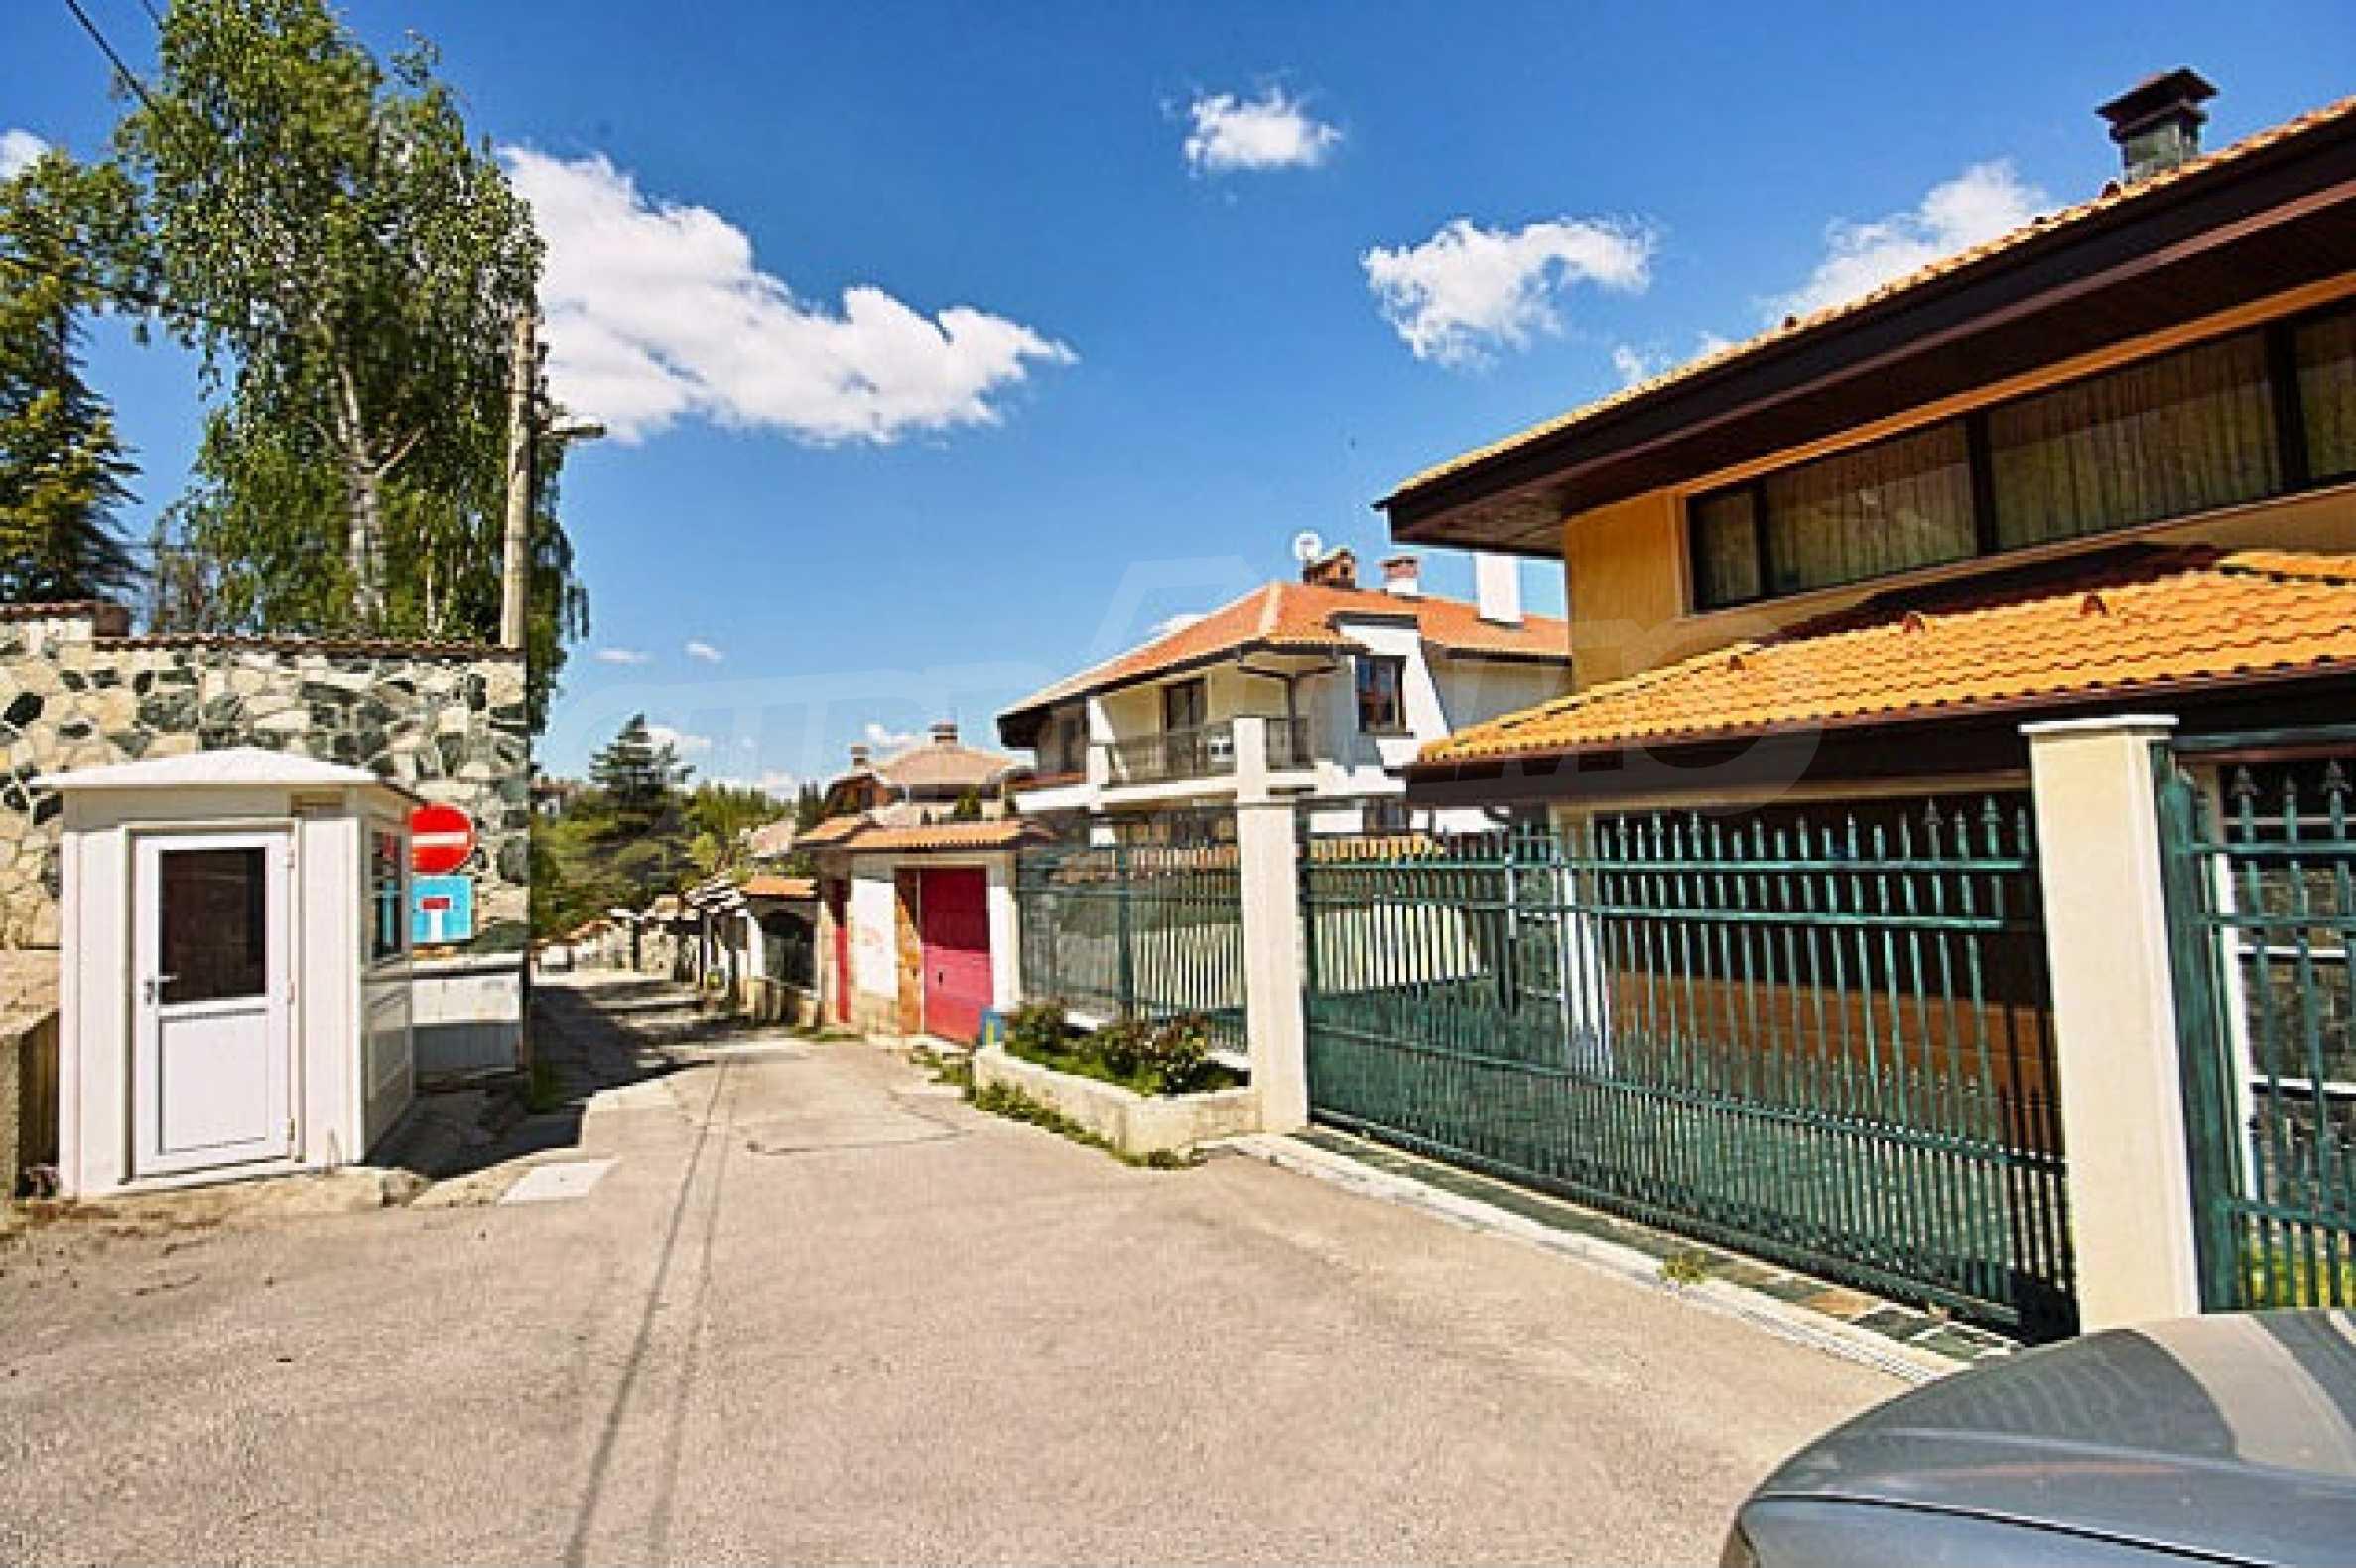 Haus zum Verkauf in Dragalevtsi Bezirk 20